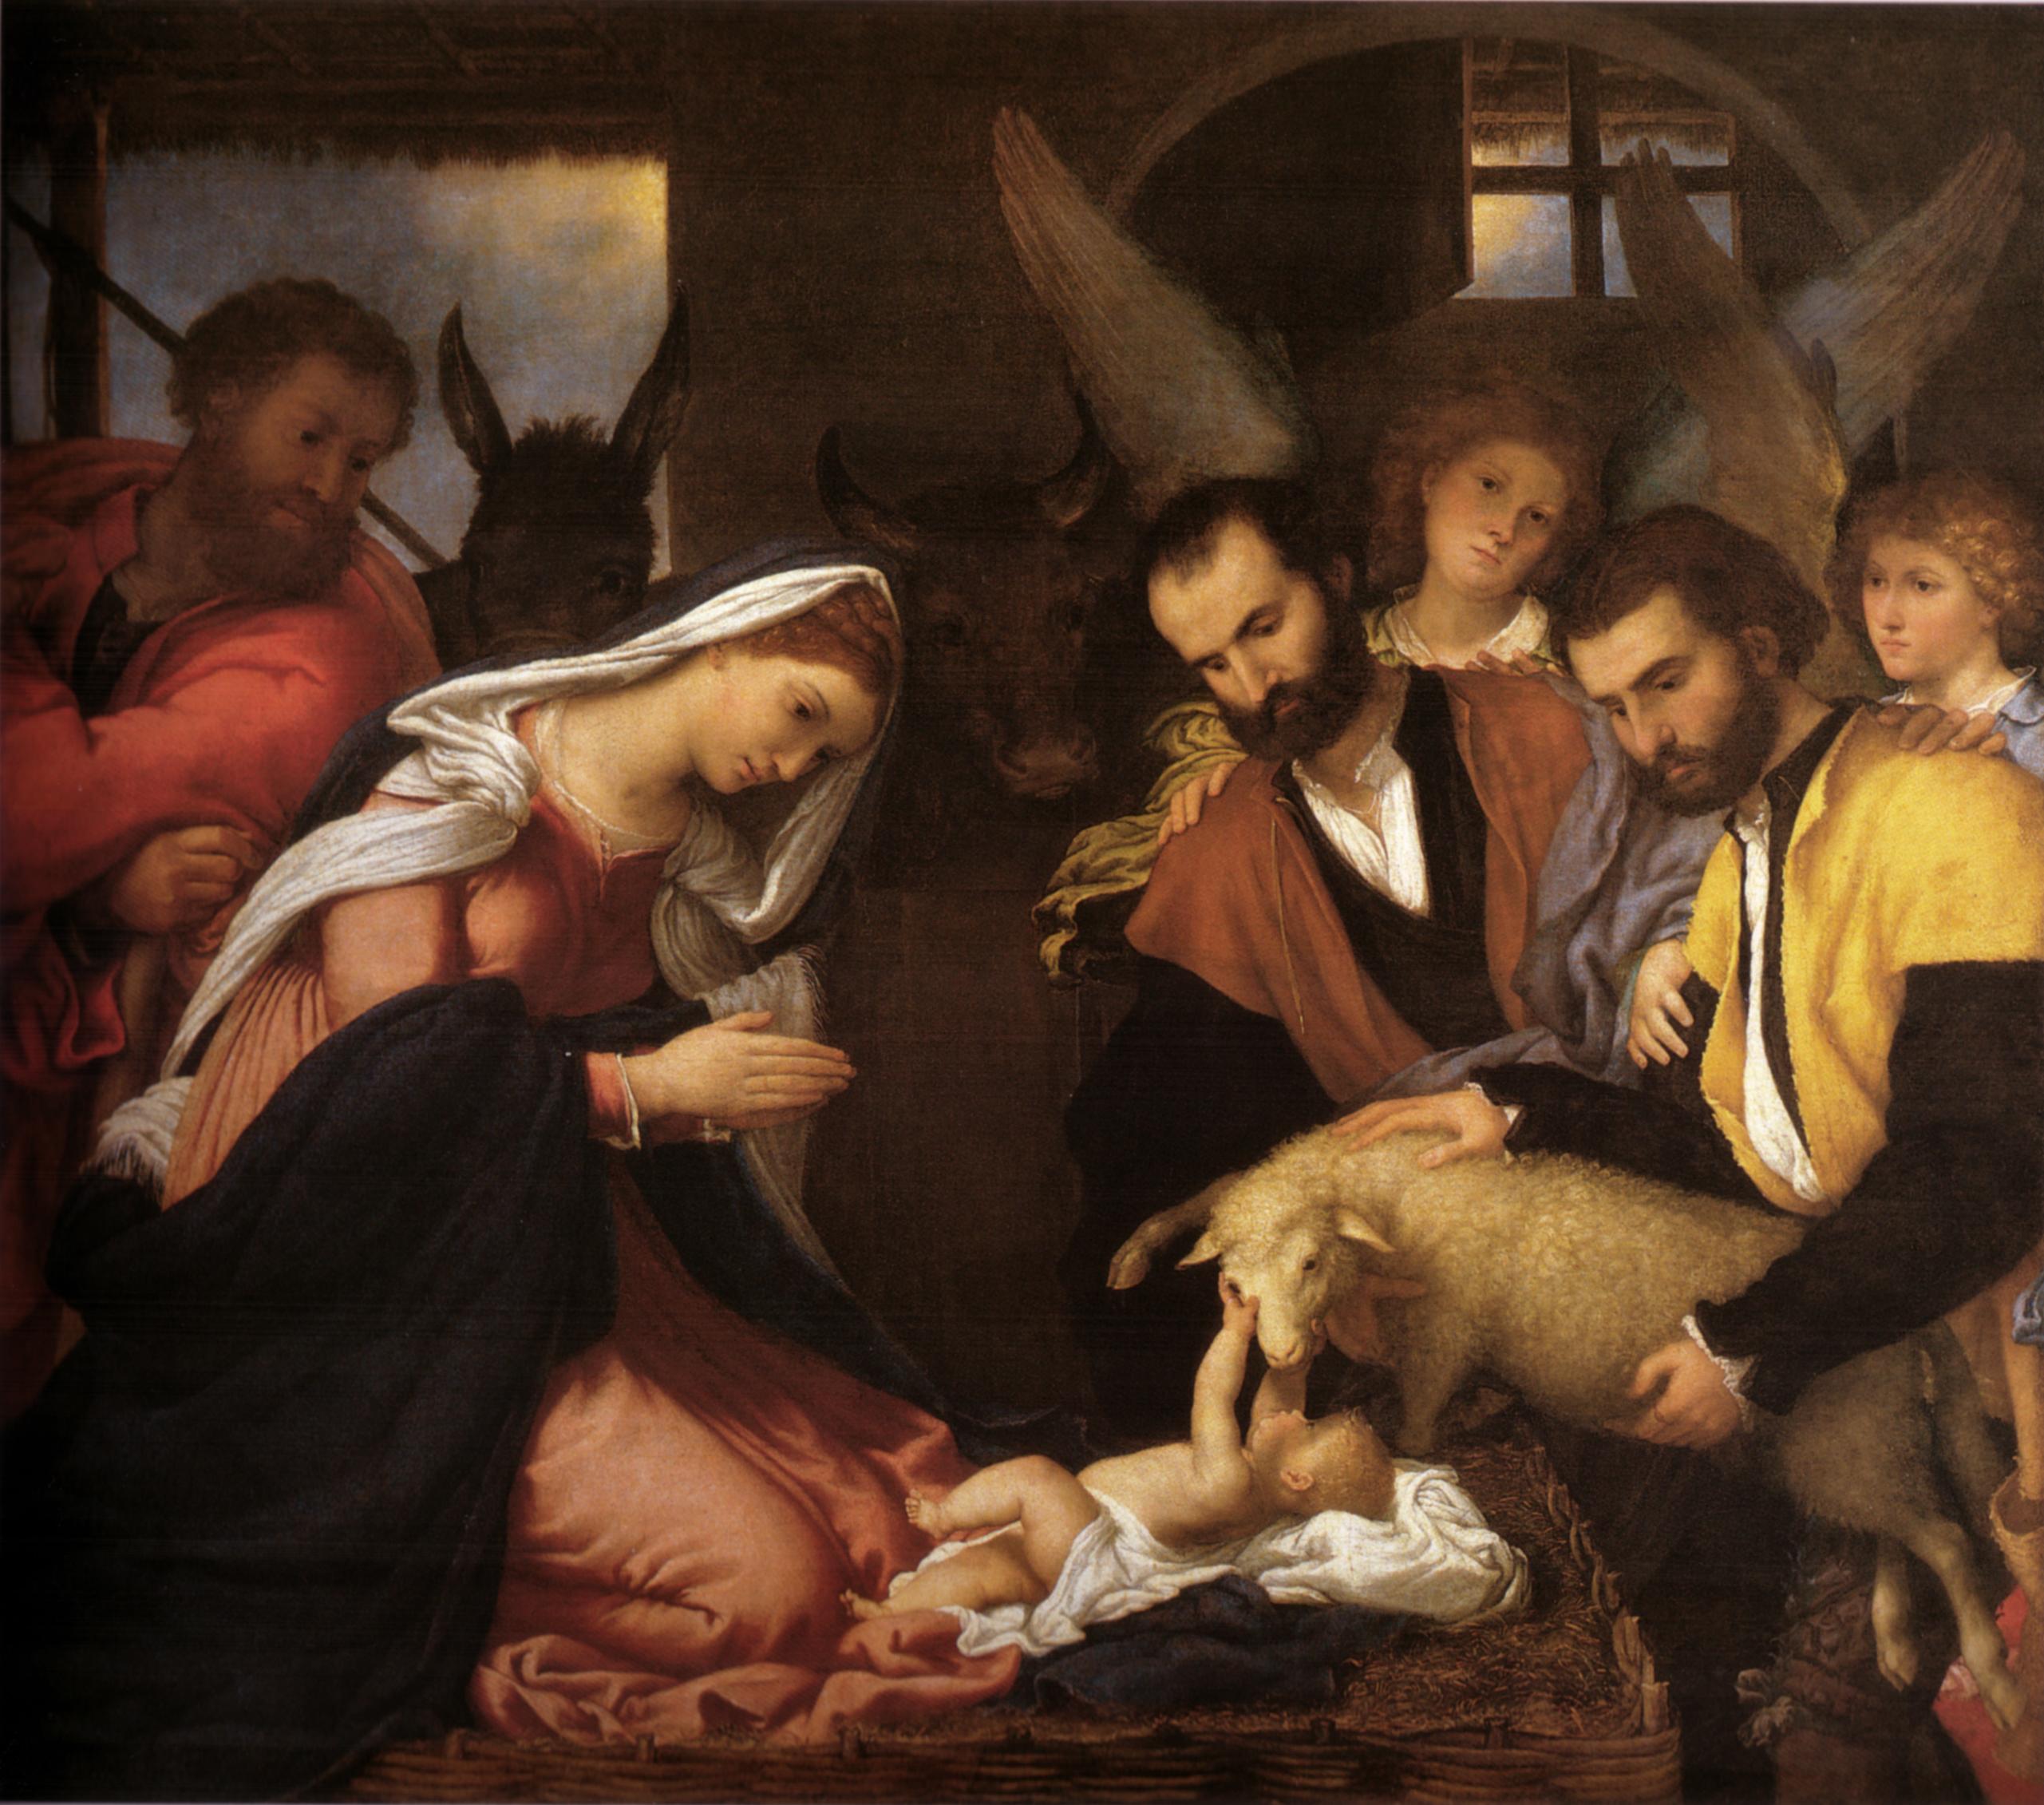 http://www.labirba.com/blog/wp-content/uploads/2014/12/Lotto_adorazione_dei_pastori_00.jpg